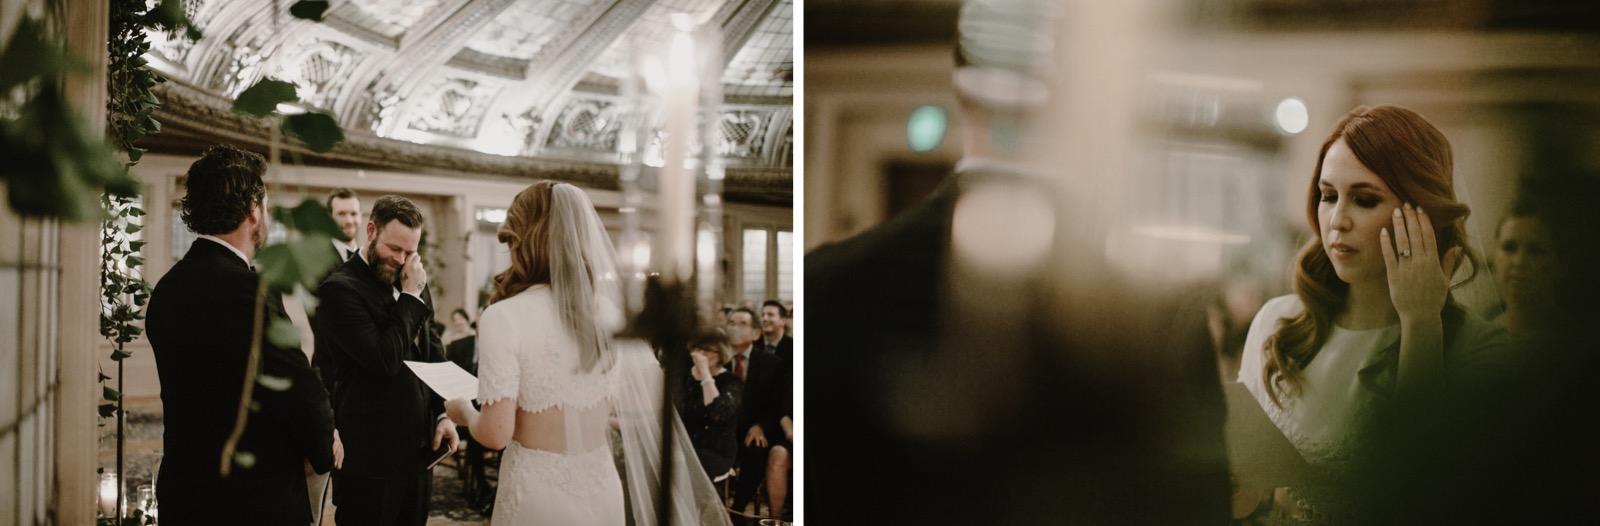 086_Arctic_Club_Wedding_Seattle_168_Arctic_Club_Wedding_Seattle_167.jpg